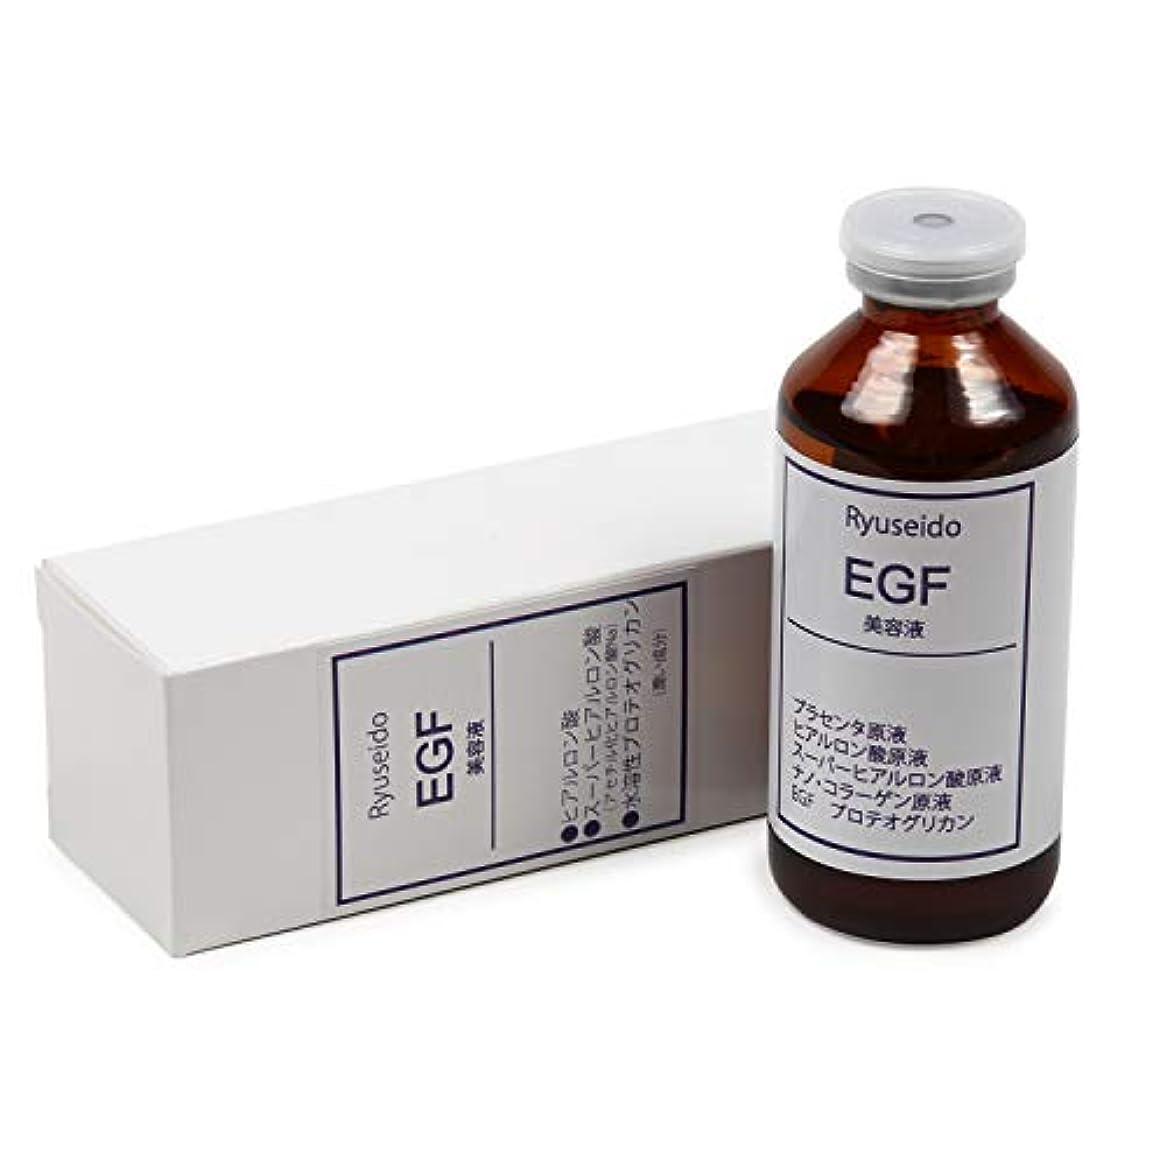 あからさまレタッチ既に10倍濃度EGFをプラセンタ?ナノコラーゲン?ヒアルロン酸原液に配合。毛穴レスできめ細かなクリアな肌に??生コラーゲン配合でキメ密度がさらにアップ。